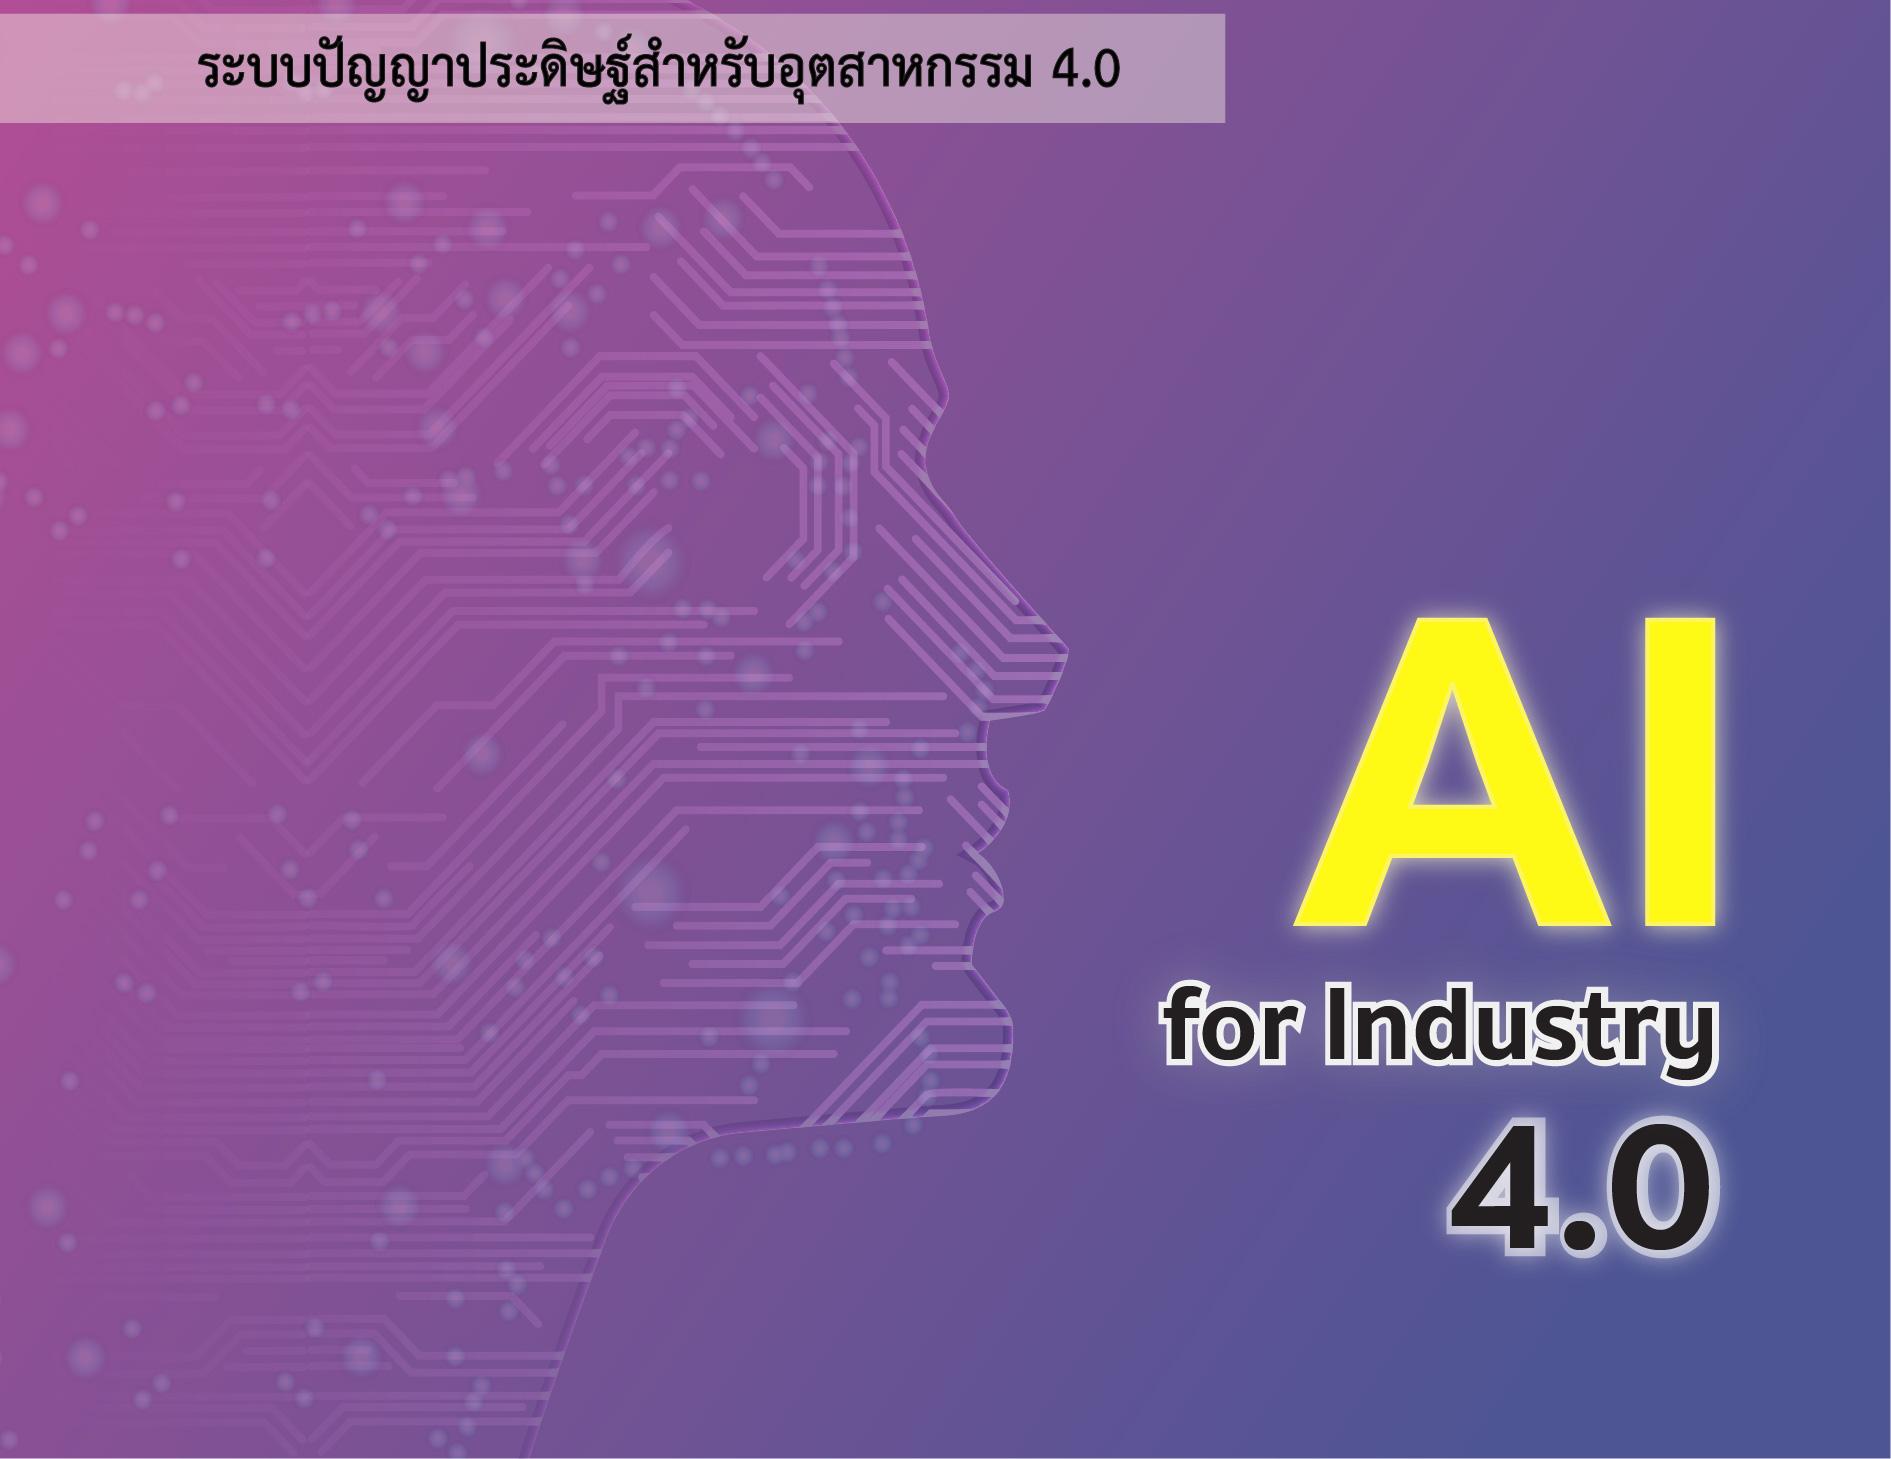 ปัญญาประดิษฐ์ (AI for Industry 4.0)